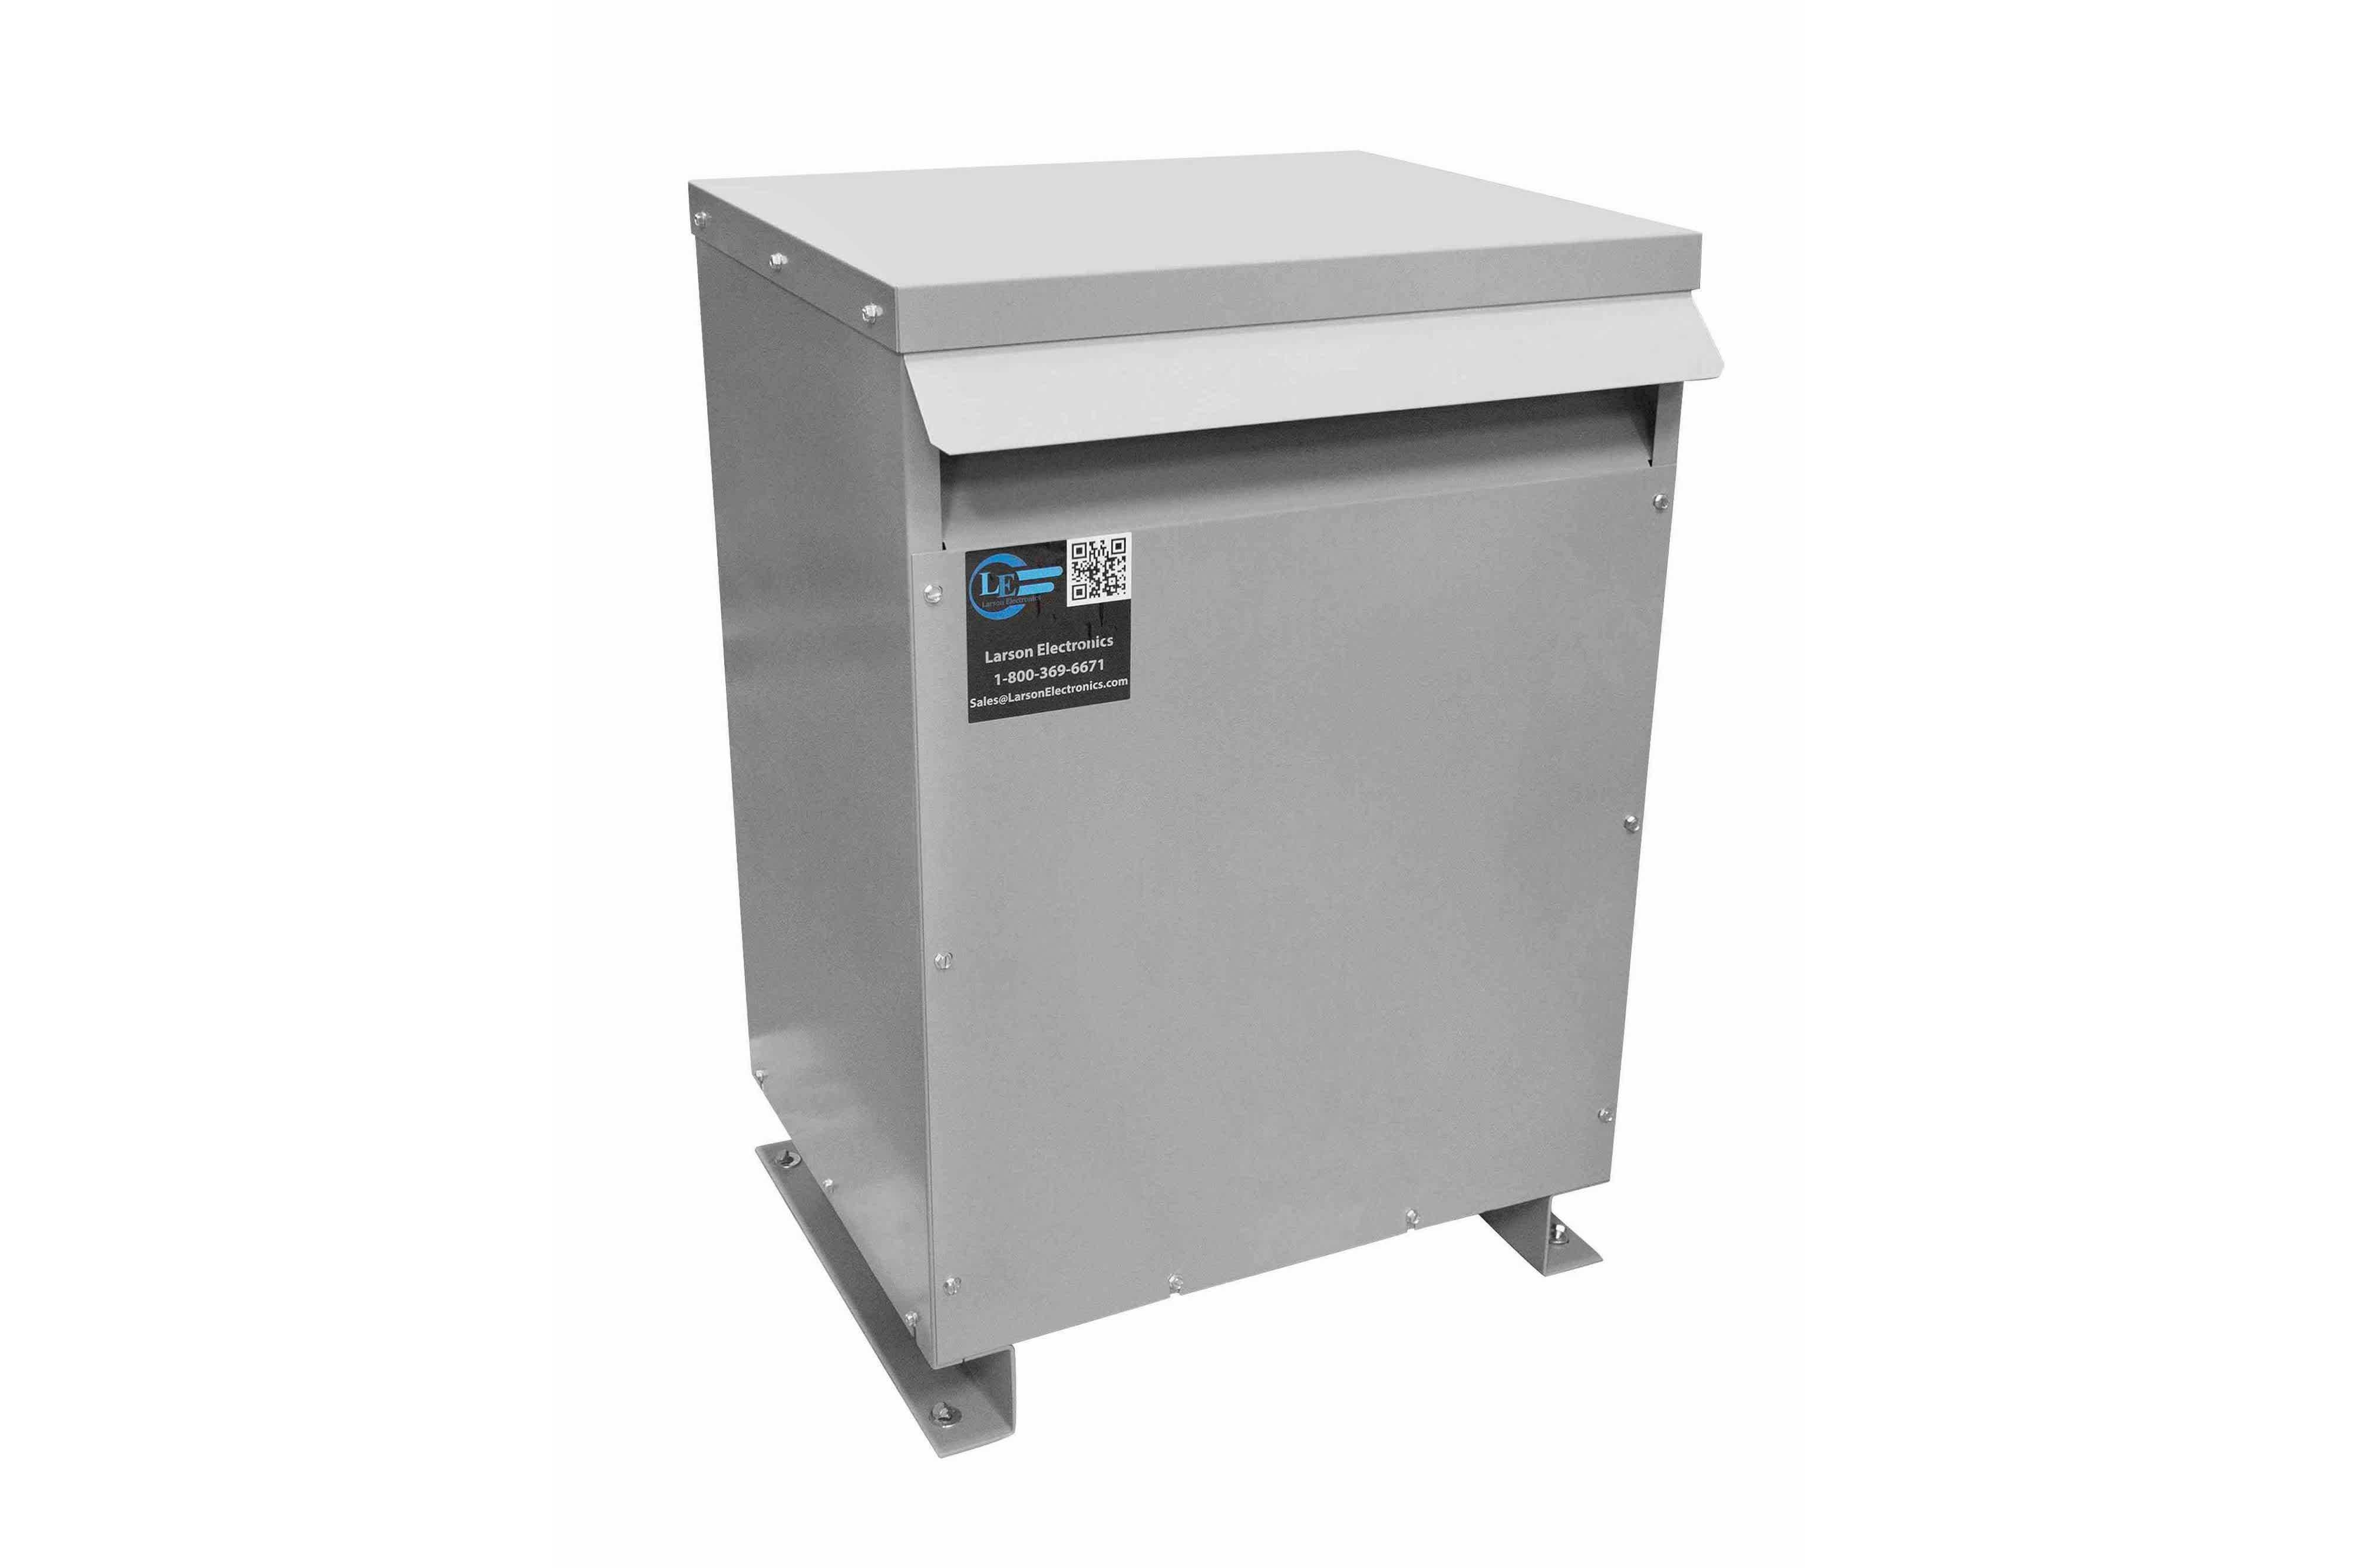 115 kVA 3PH Isolation Transformer, 208V Delta Primary, 240 Delta Secondary, N3R, Ventilated, 60 Hz